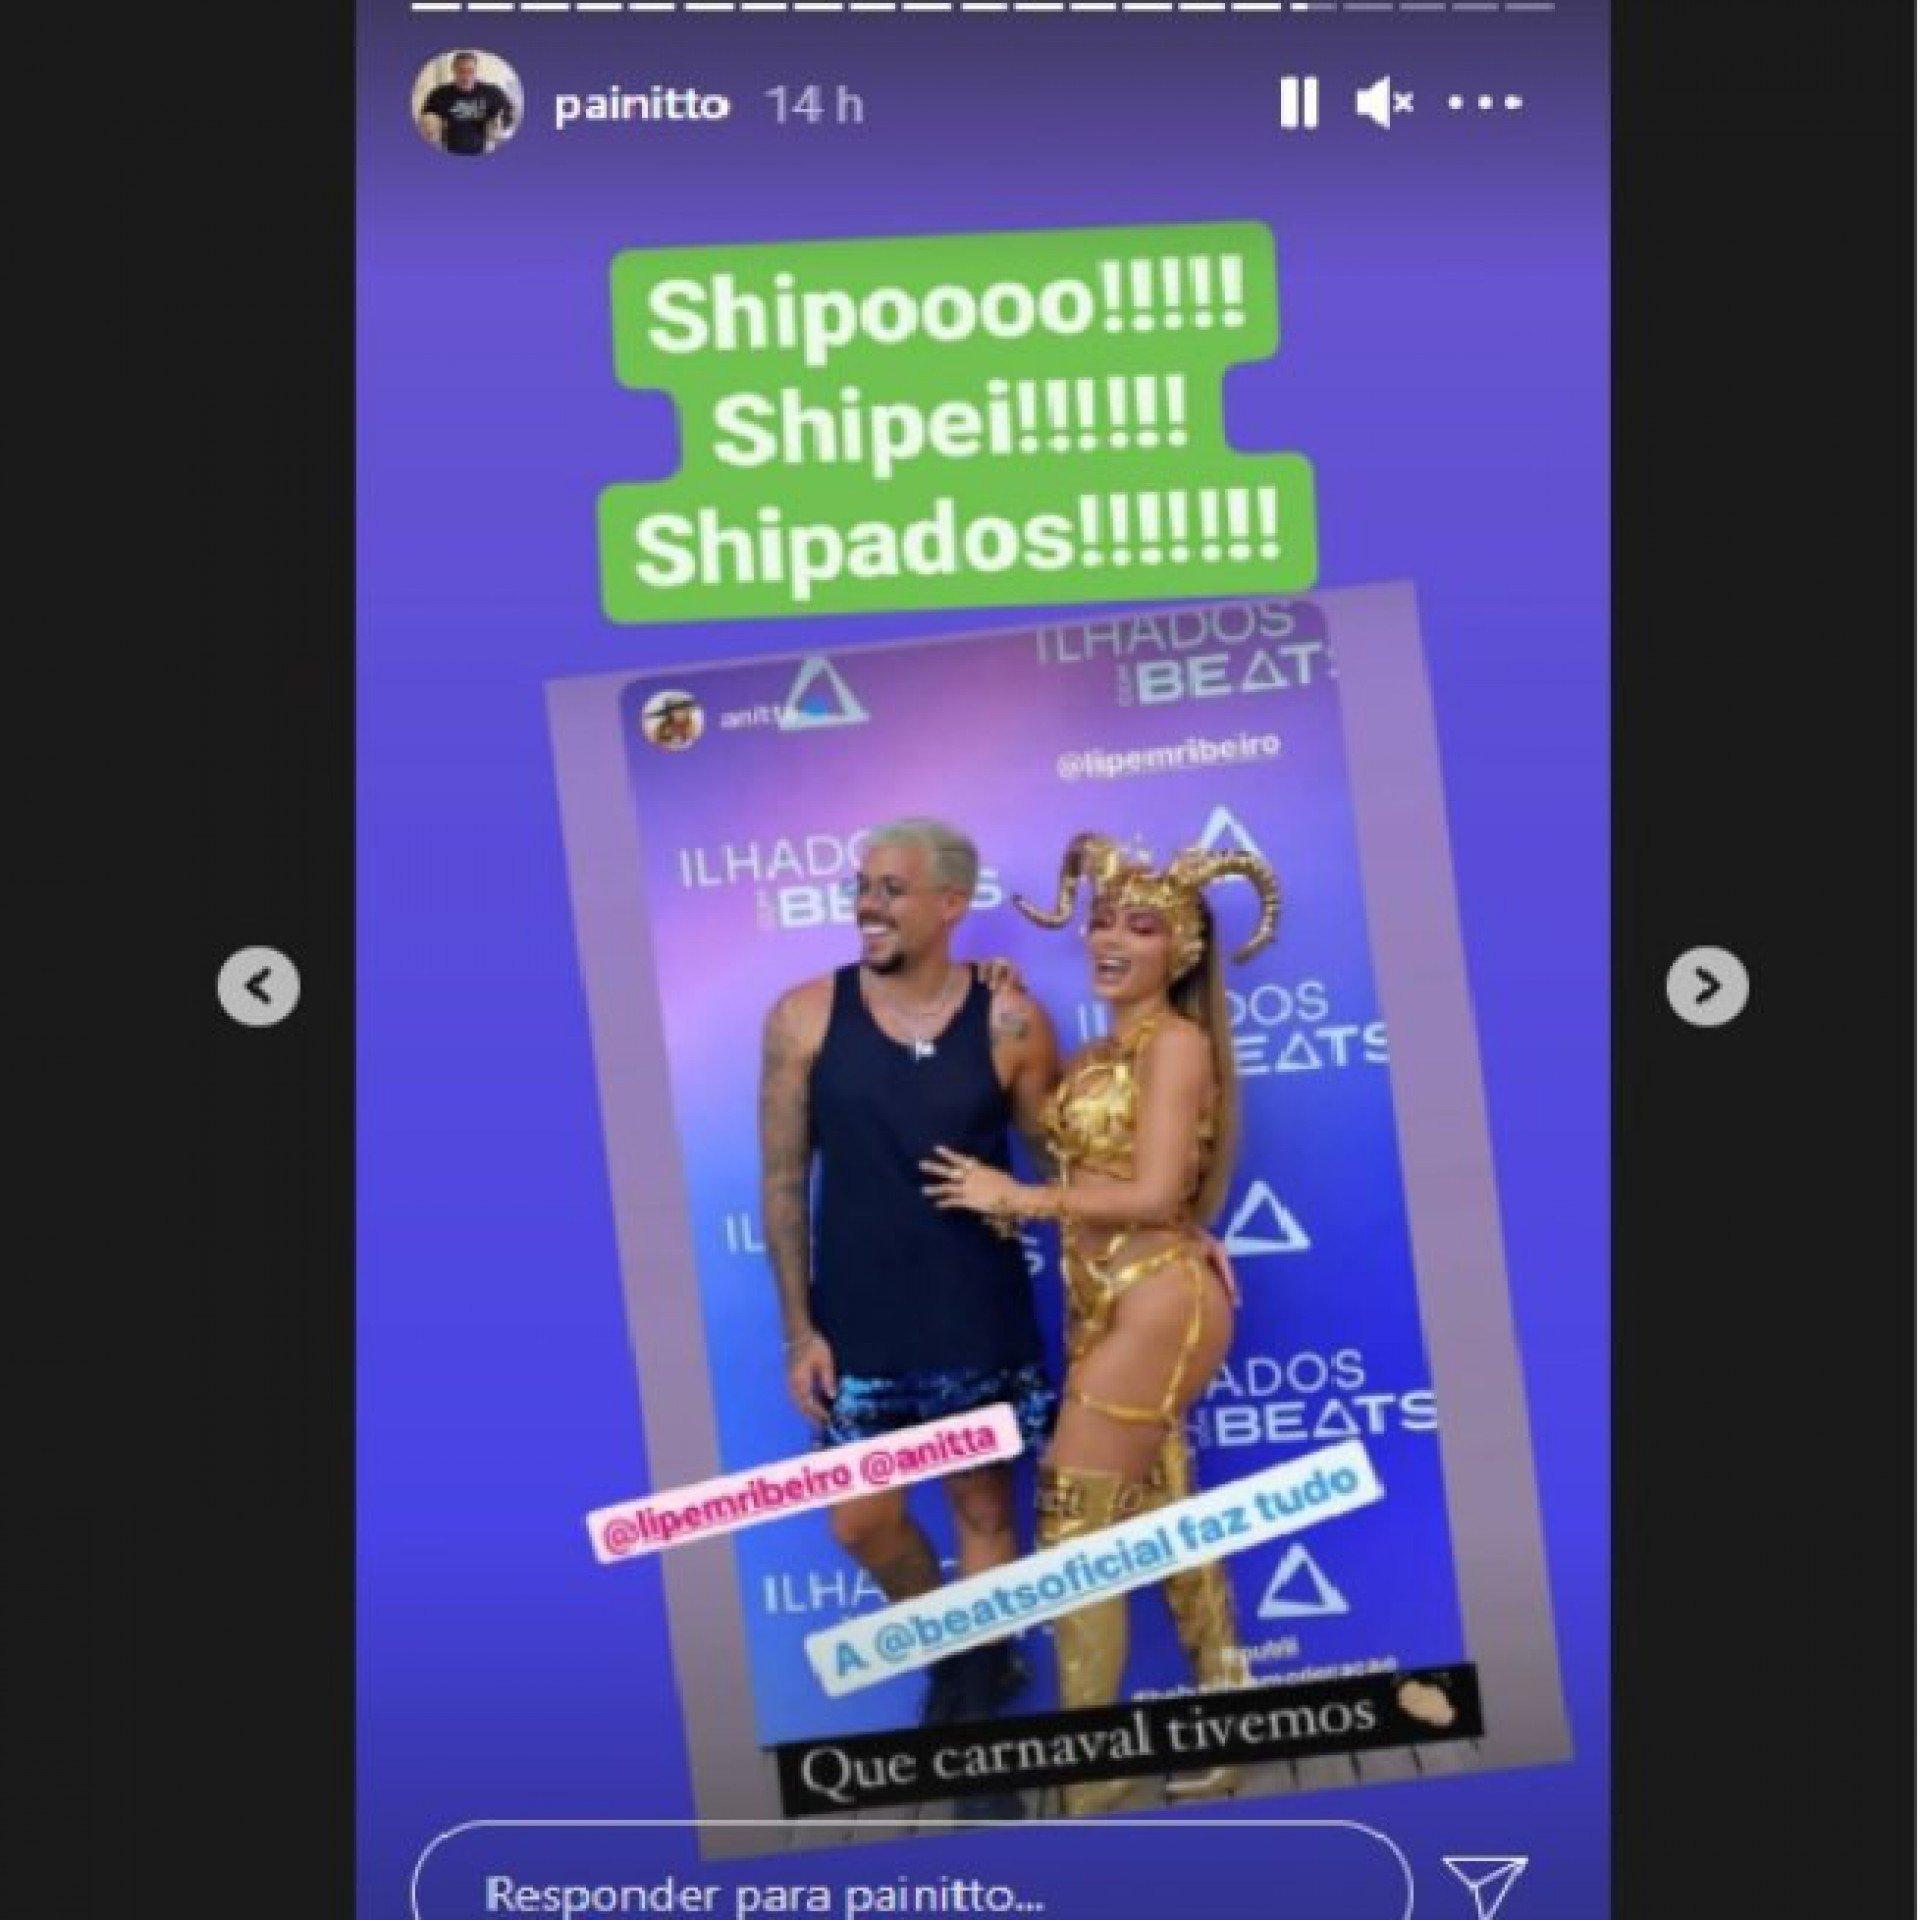 Painitto 'shippa' romance de Anitta com Lipe Ribeiro - Reprodução Internet